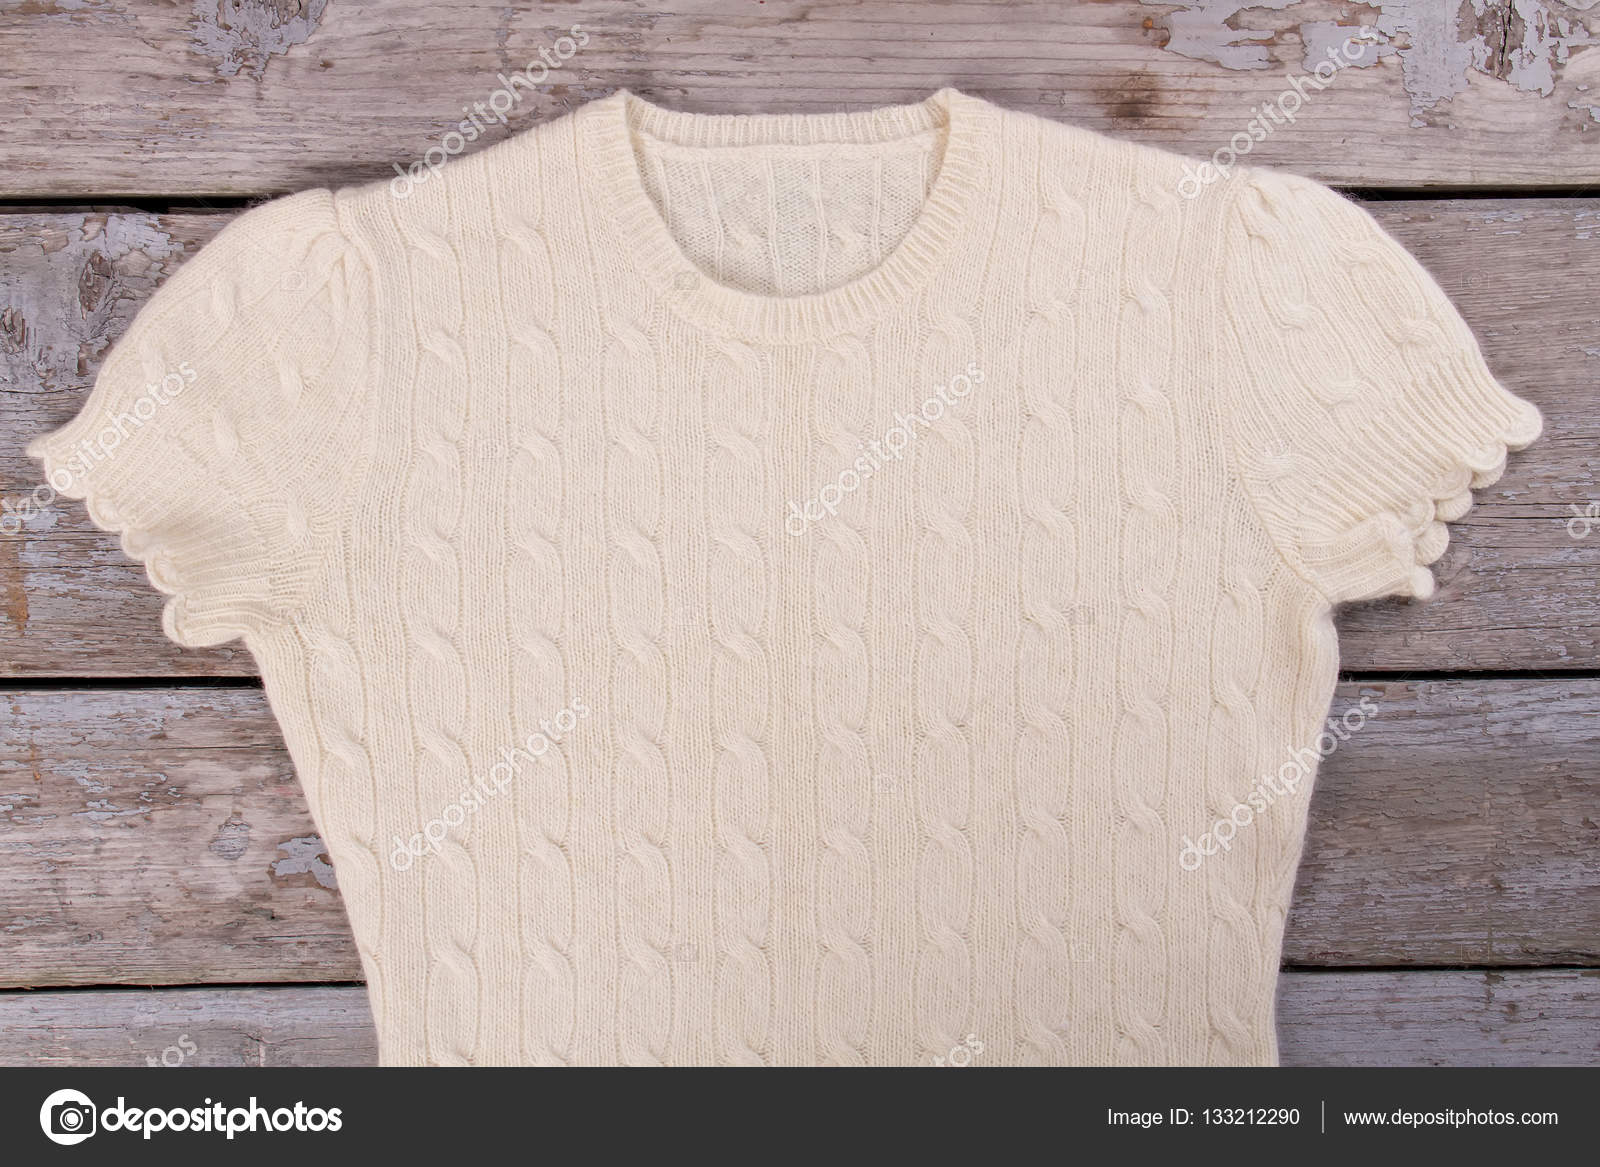 cfba75001e Könnyű Kasmír pulóver egy gyönyörű a minta a régi táblák. A gép kötő.  Kézzel készített pulóver — Fotó szerzőtől margostock